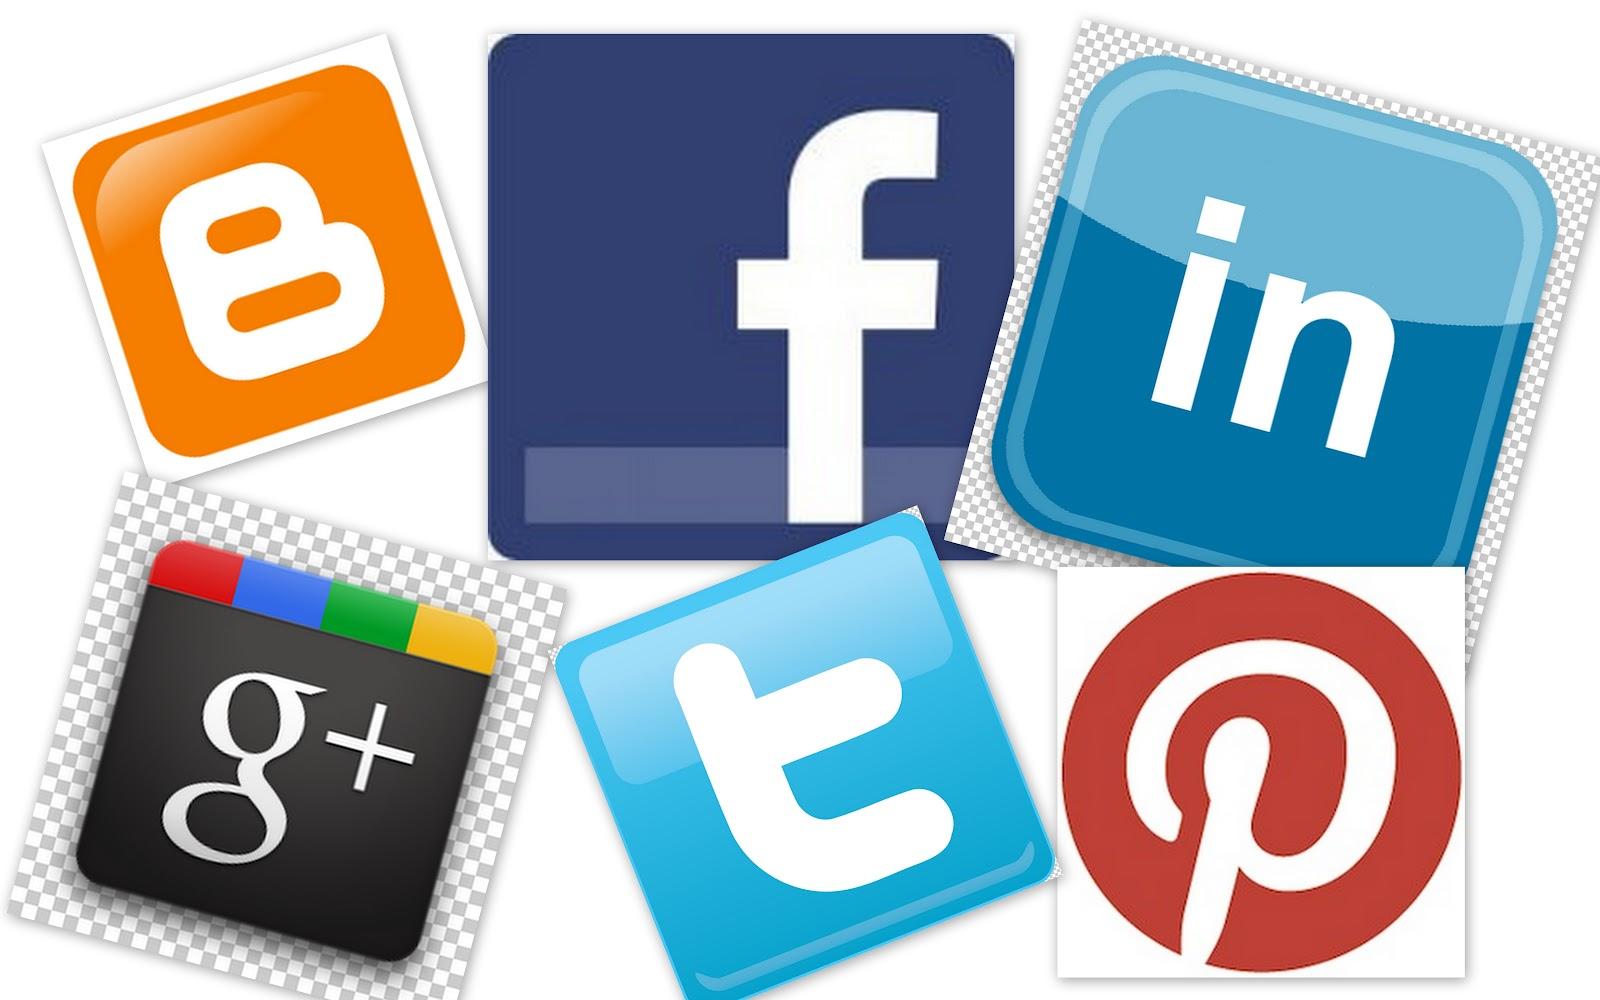 Incontri applicazioni di social networking